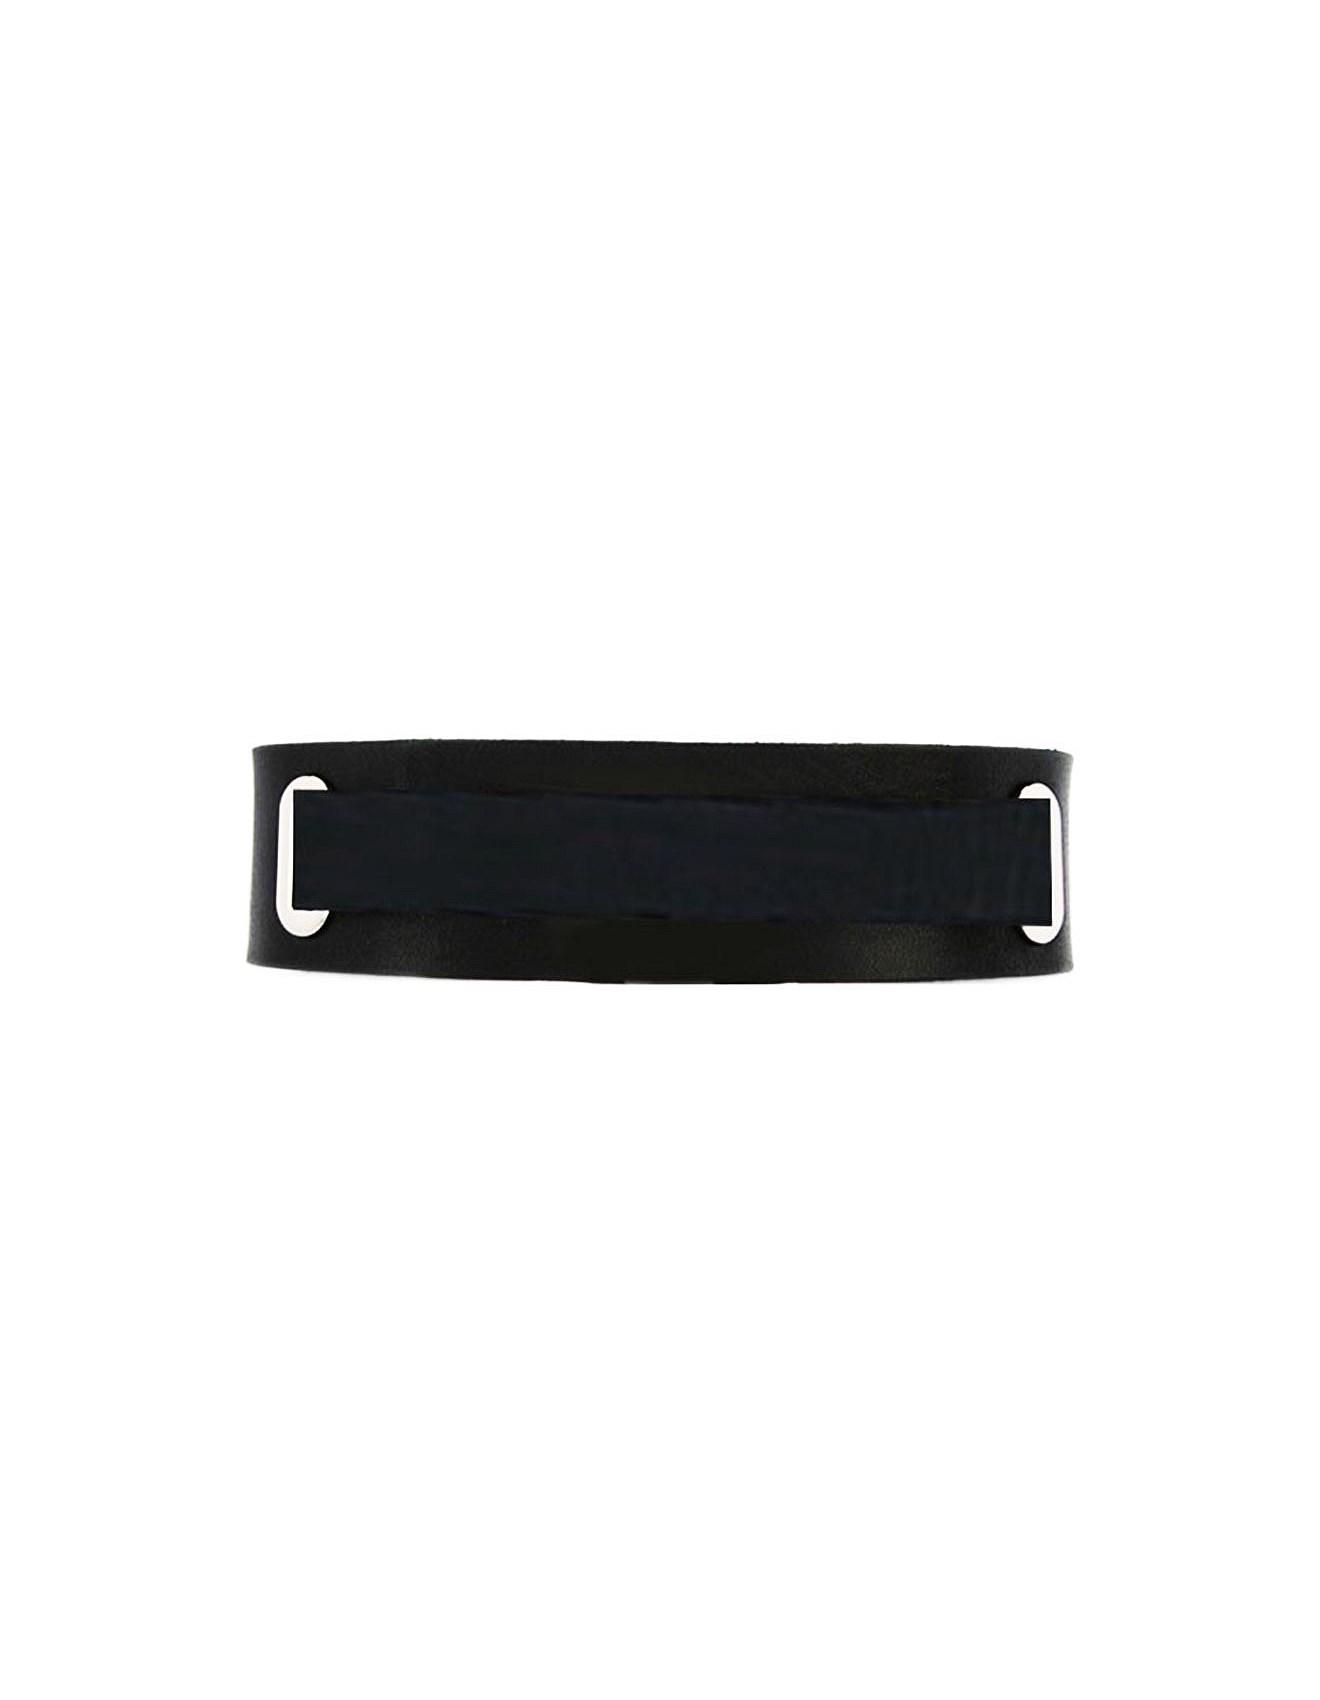 Weave Release Belt 8a599fc441